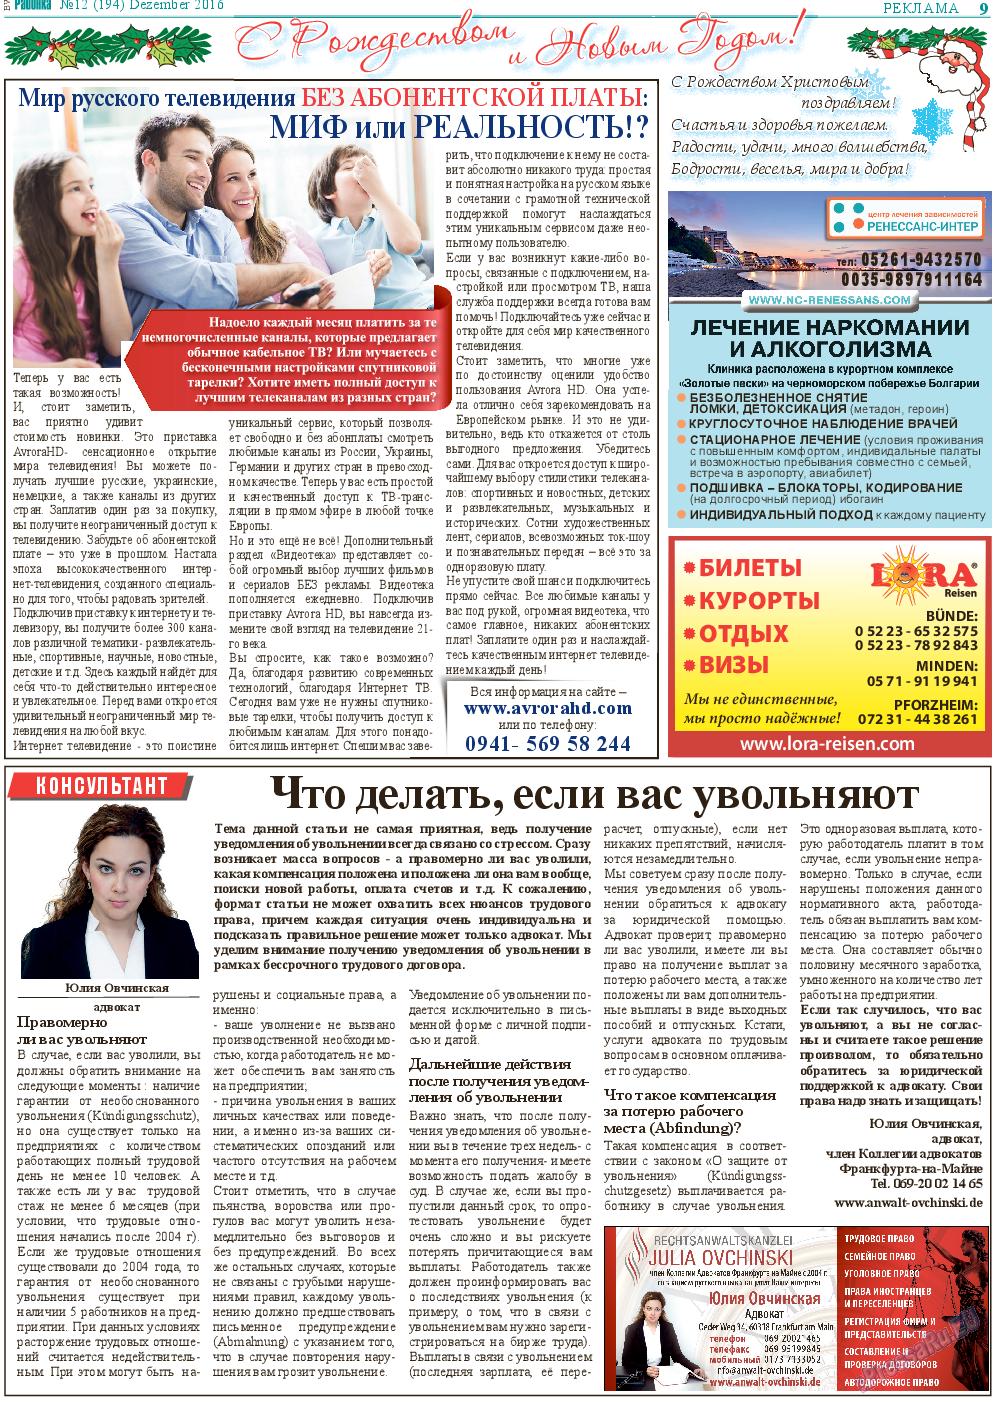 Районка-West (газета). 2016 год, номер 12, стр. 9